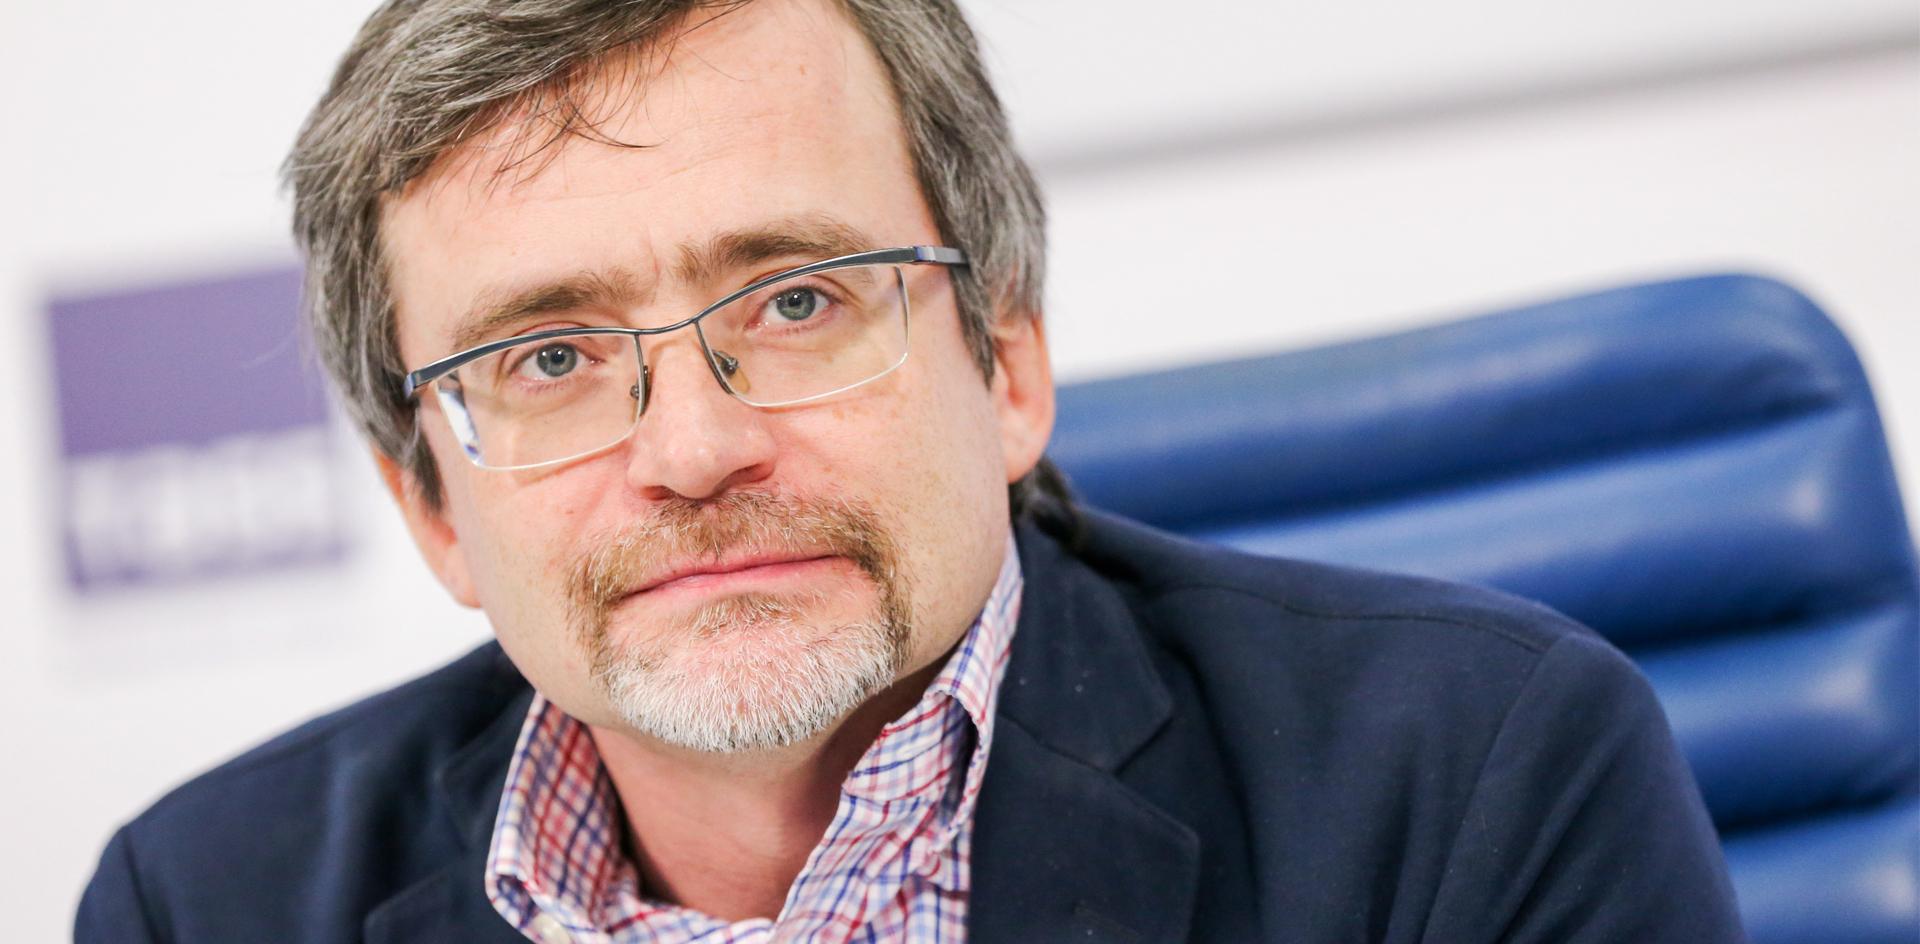 Валерий Фёдоров: «После пандемии мы узнаем, чего стоит наше правительство»